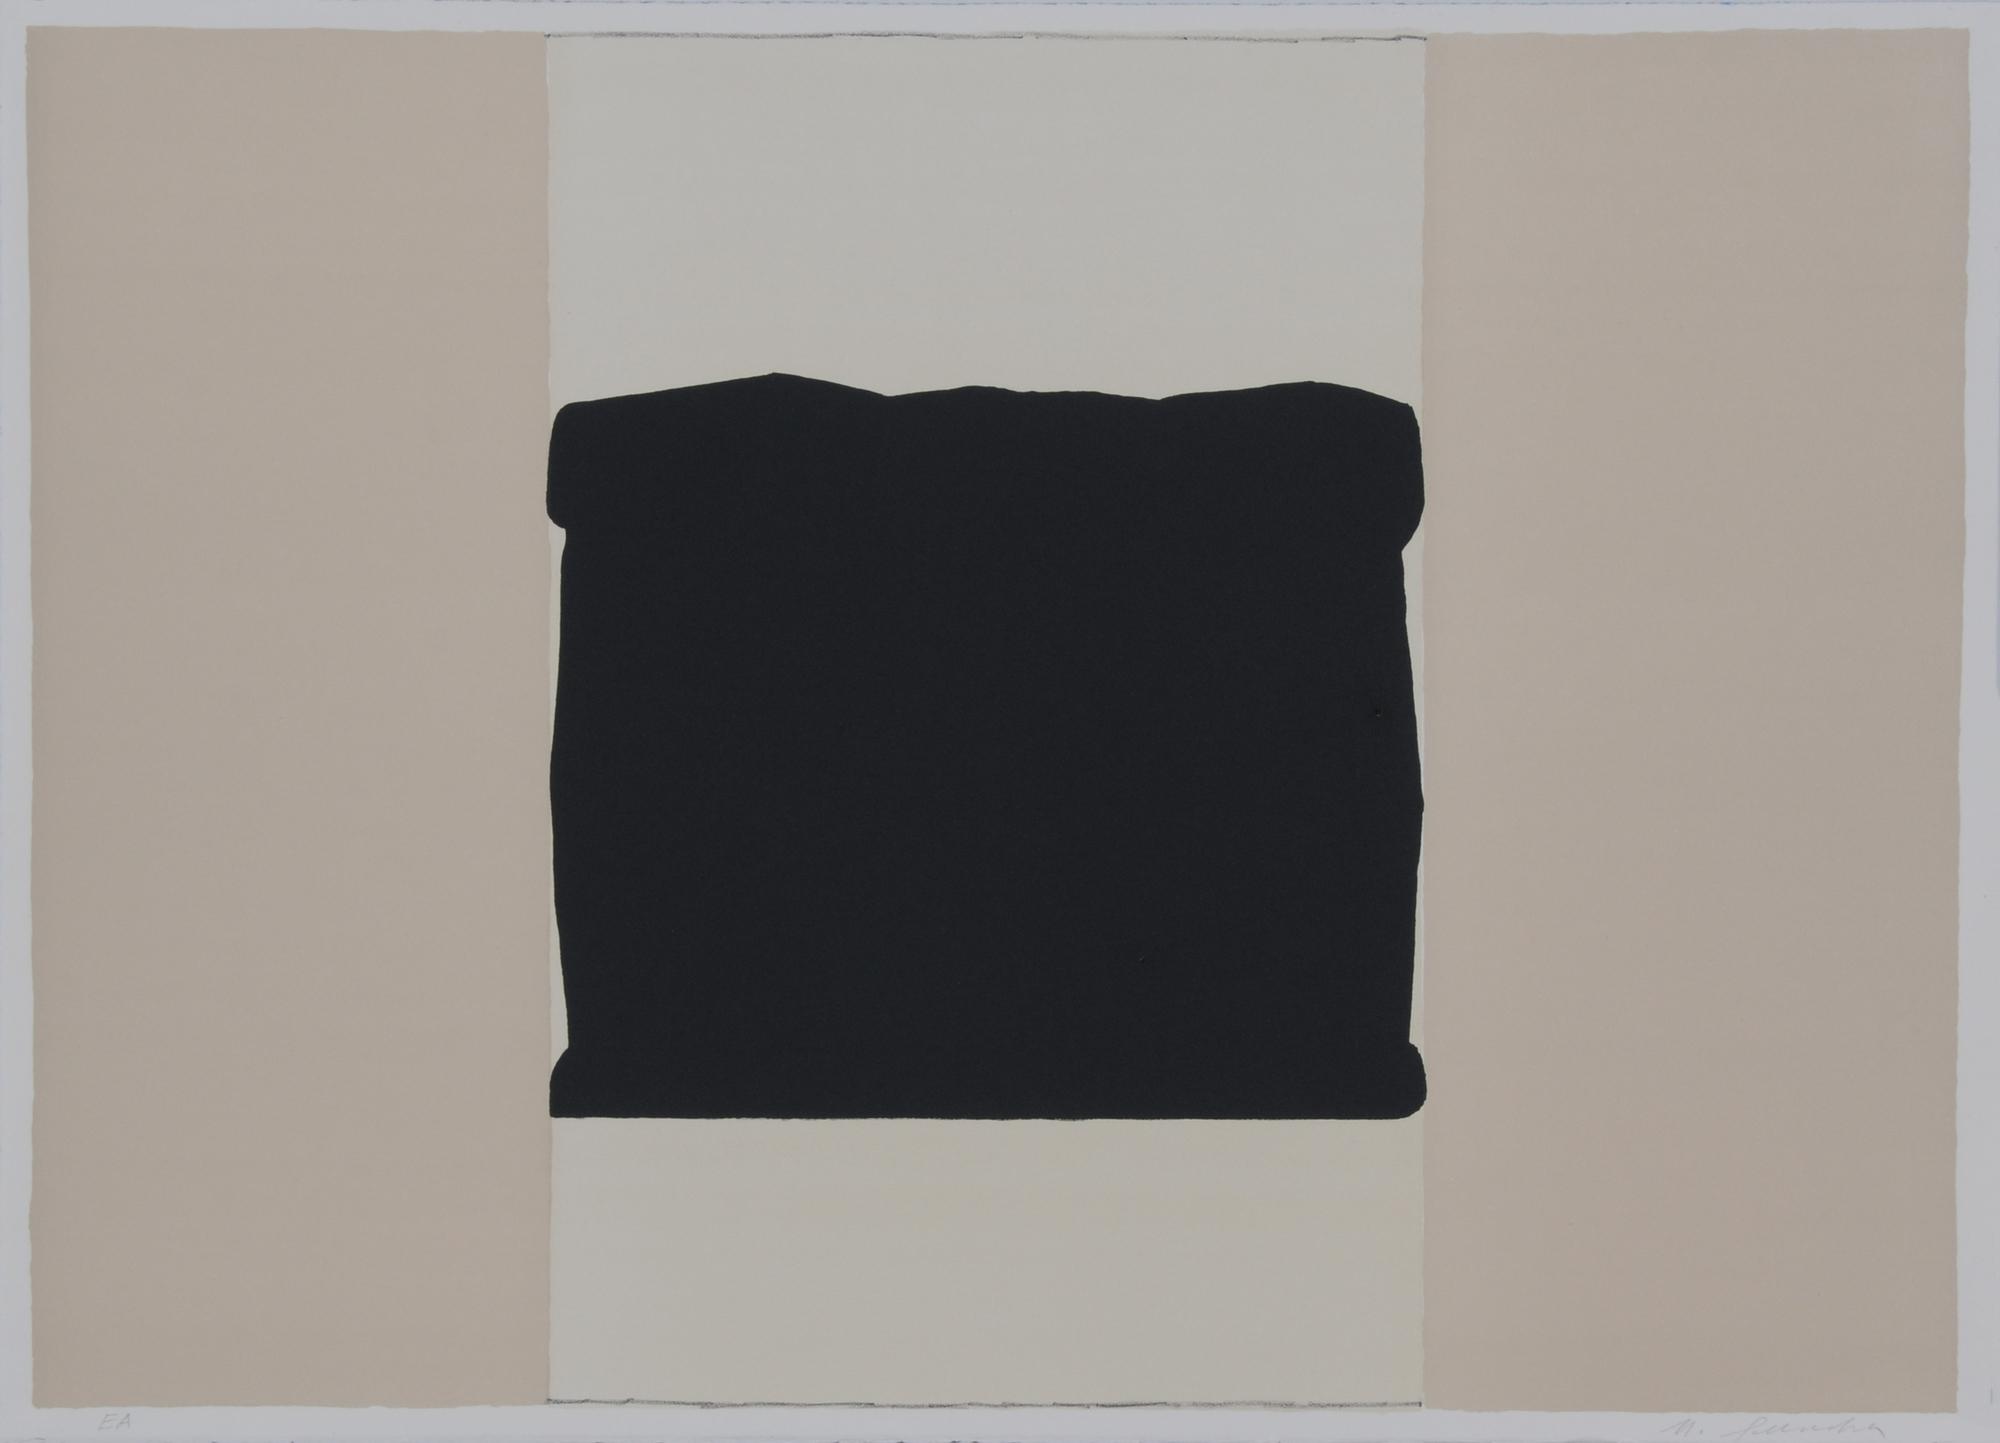 Spescha Matias, 2 sheets: Untitled